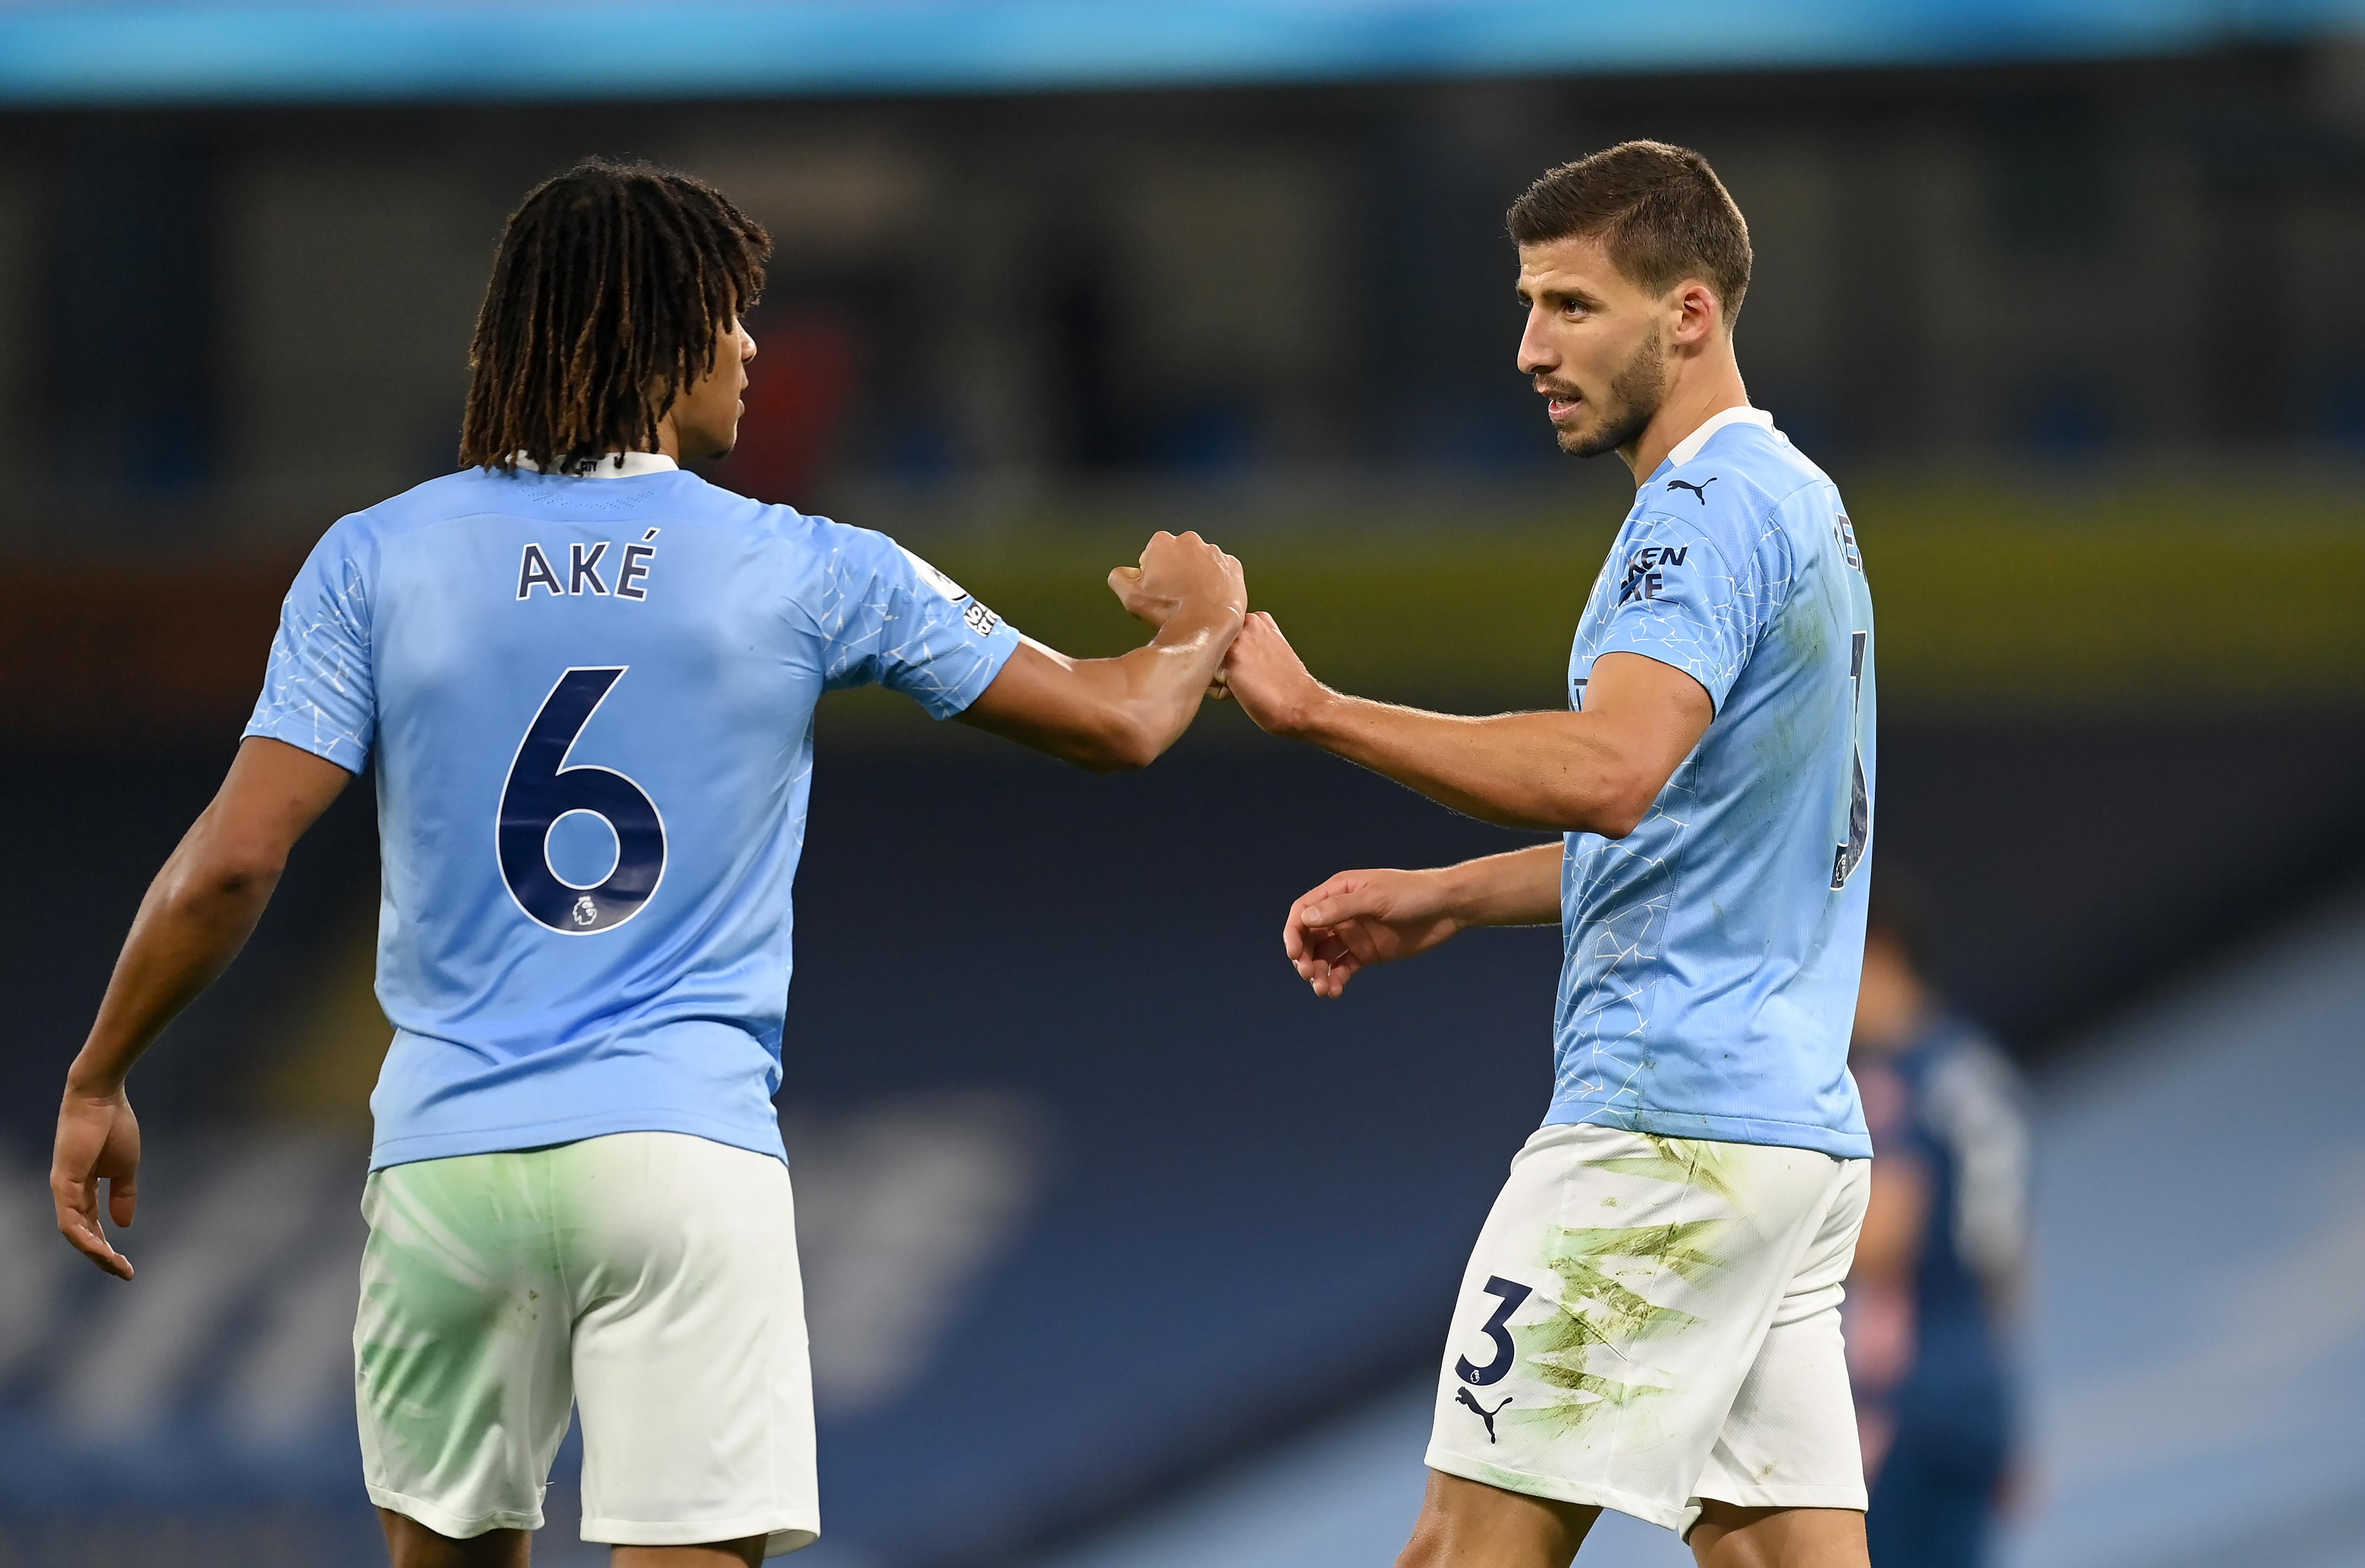 21/10/2020 Daily Predictions: UEFA Champions League, Manchester City vs FC Porto